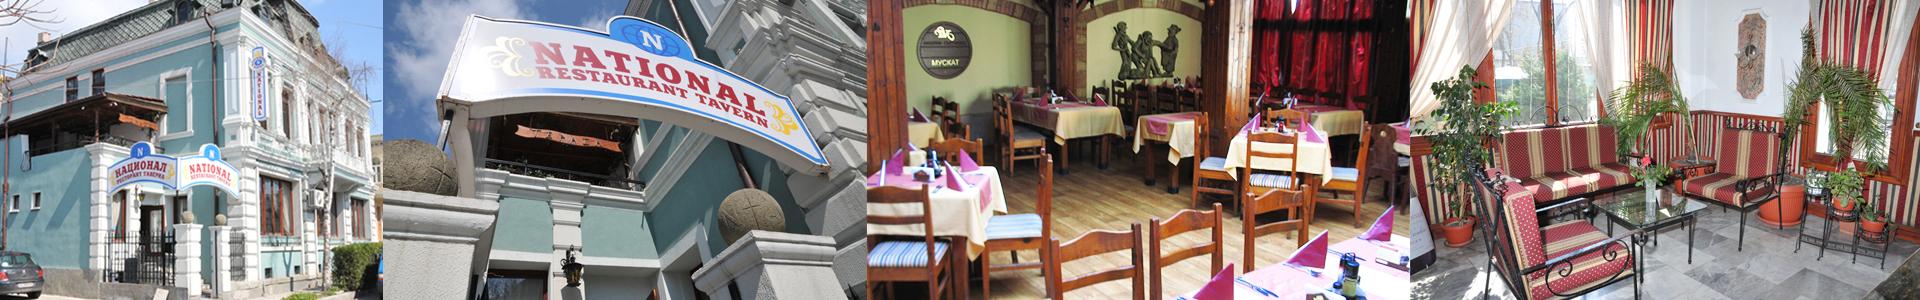 Национал Ресторант Механа Хотел